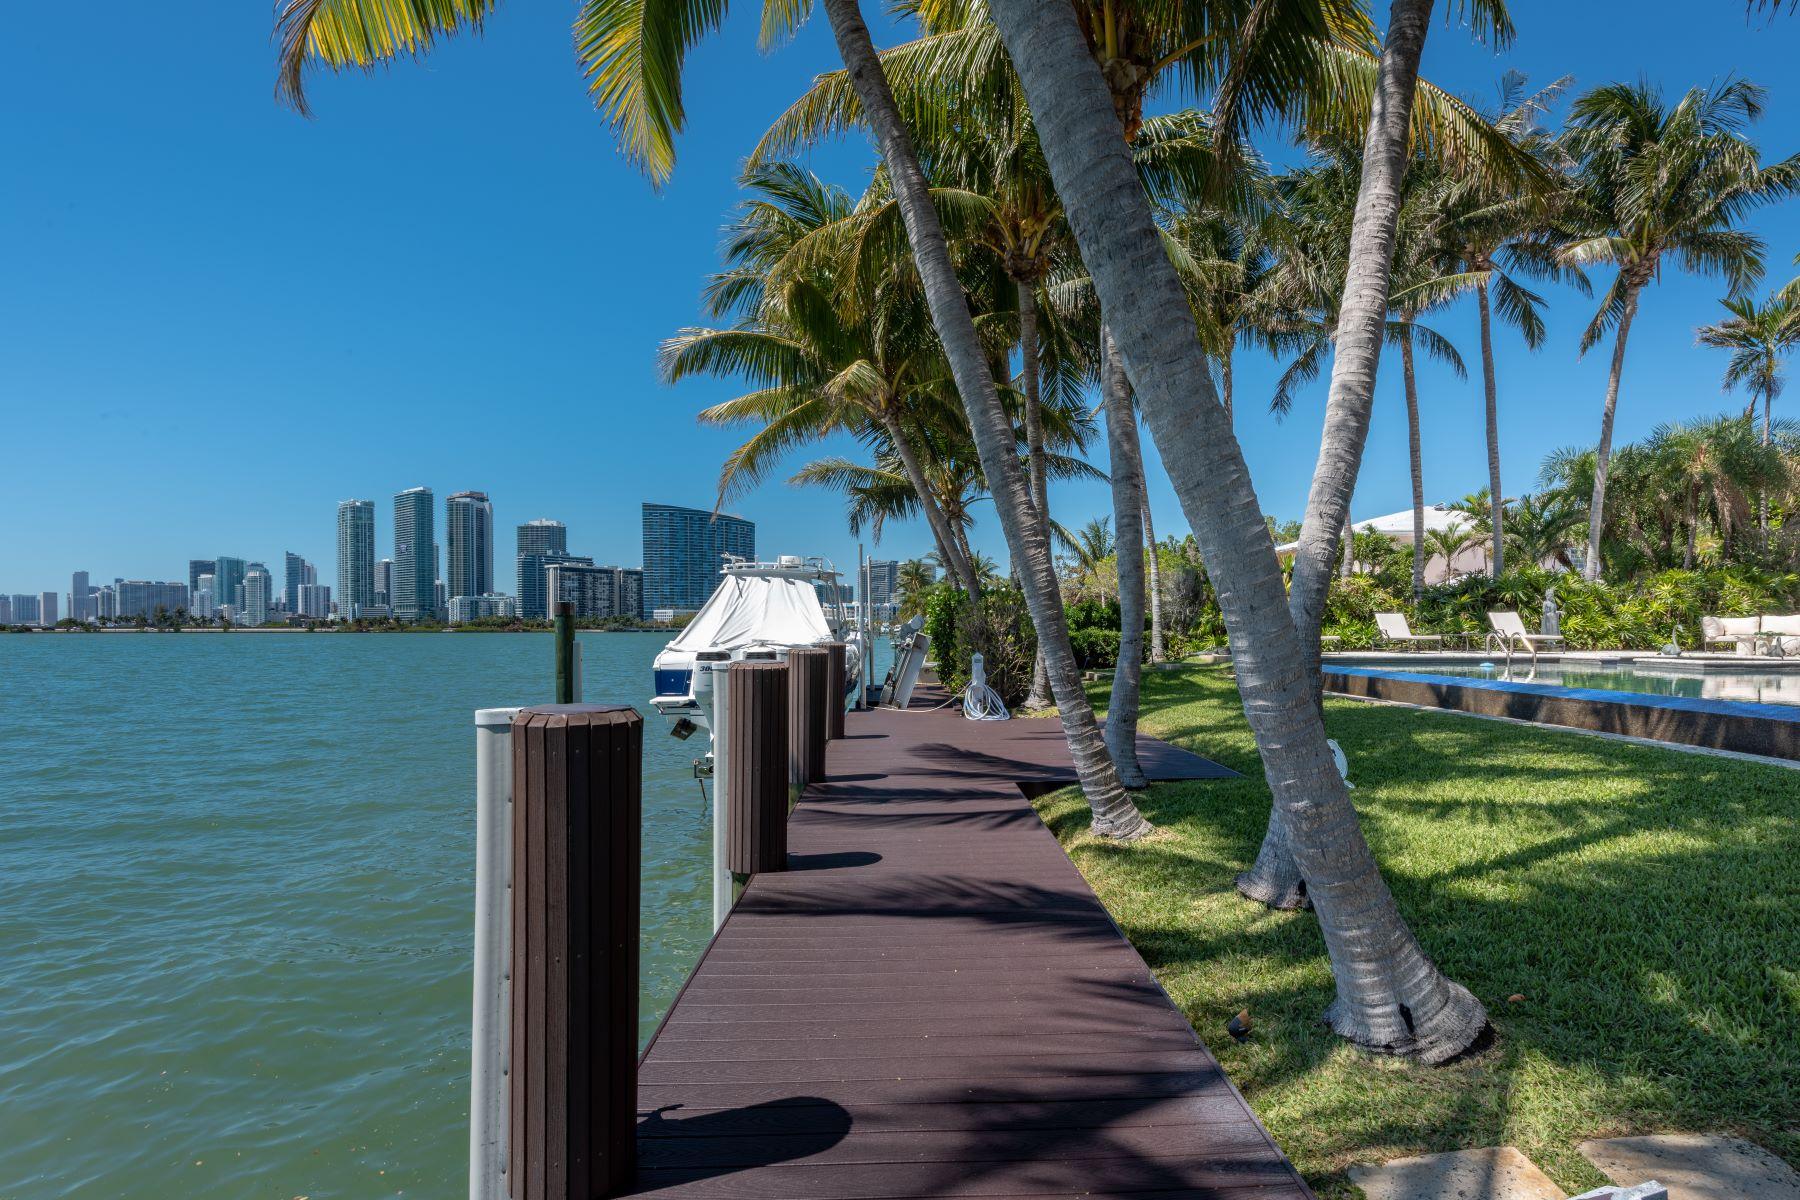 Частный односемейный дом для того Продажа на 4411 Sabal Palm Rd 4411 Sabal Palm Rd Miami, Флорида 33137 Соединенные Штаты